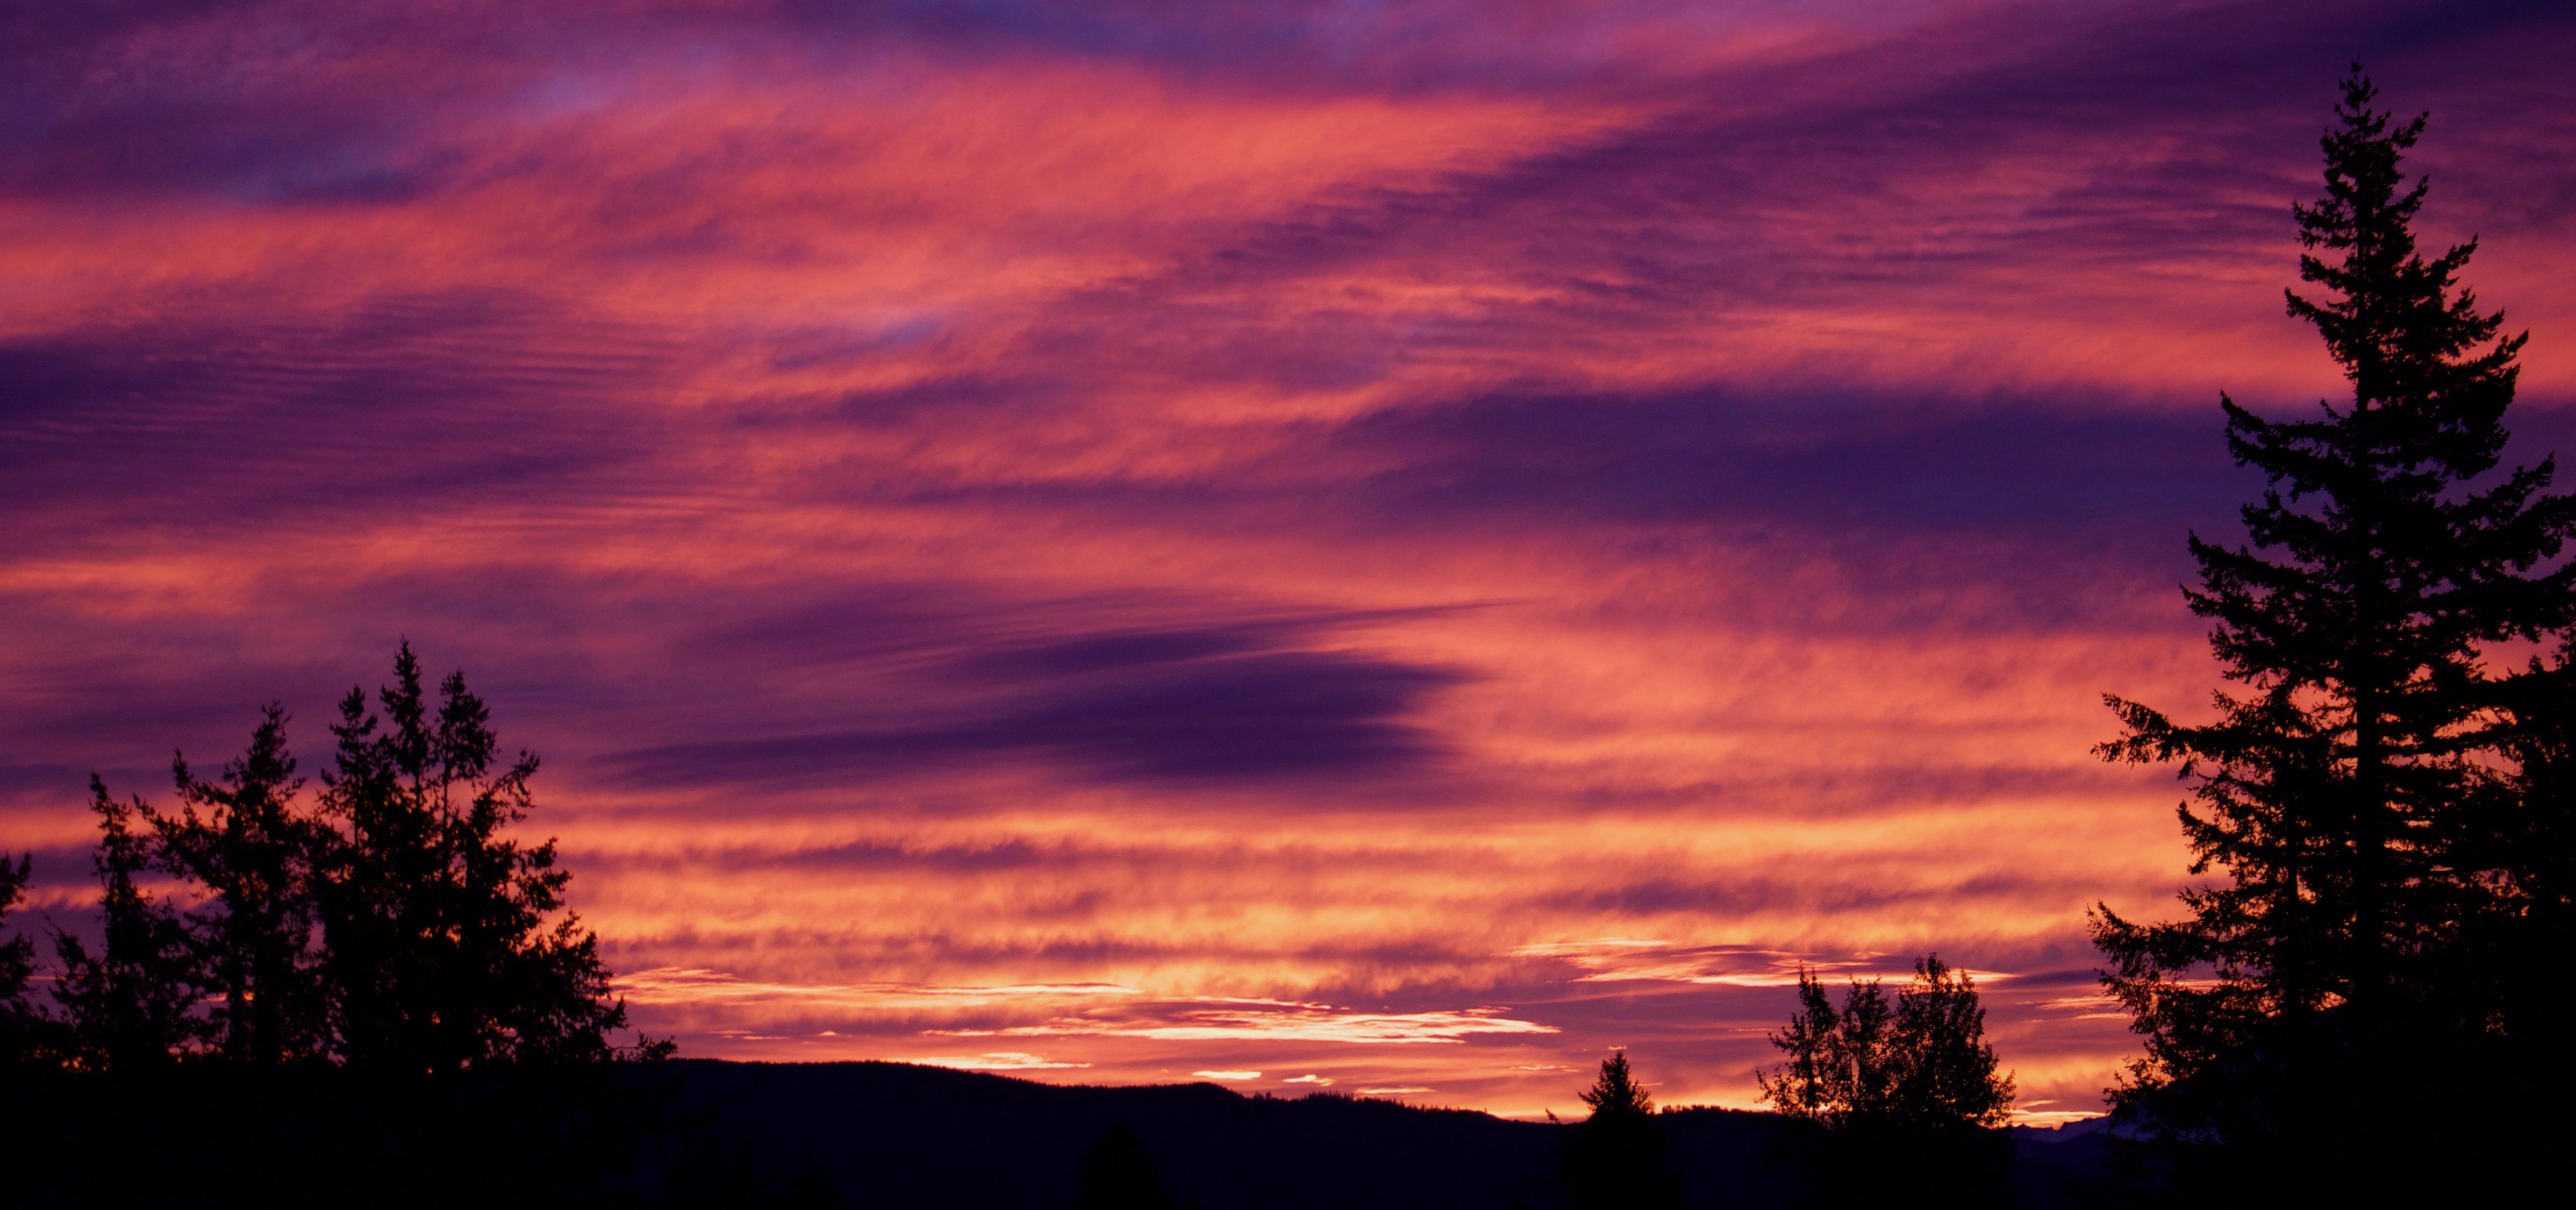 sunrise105174